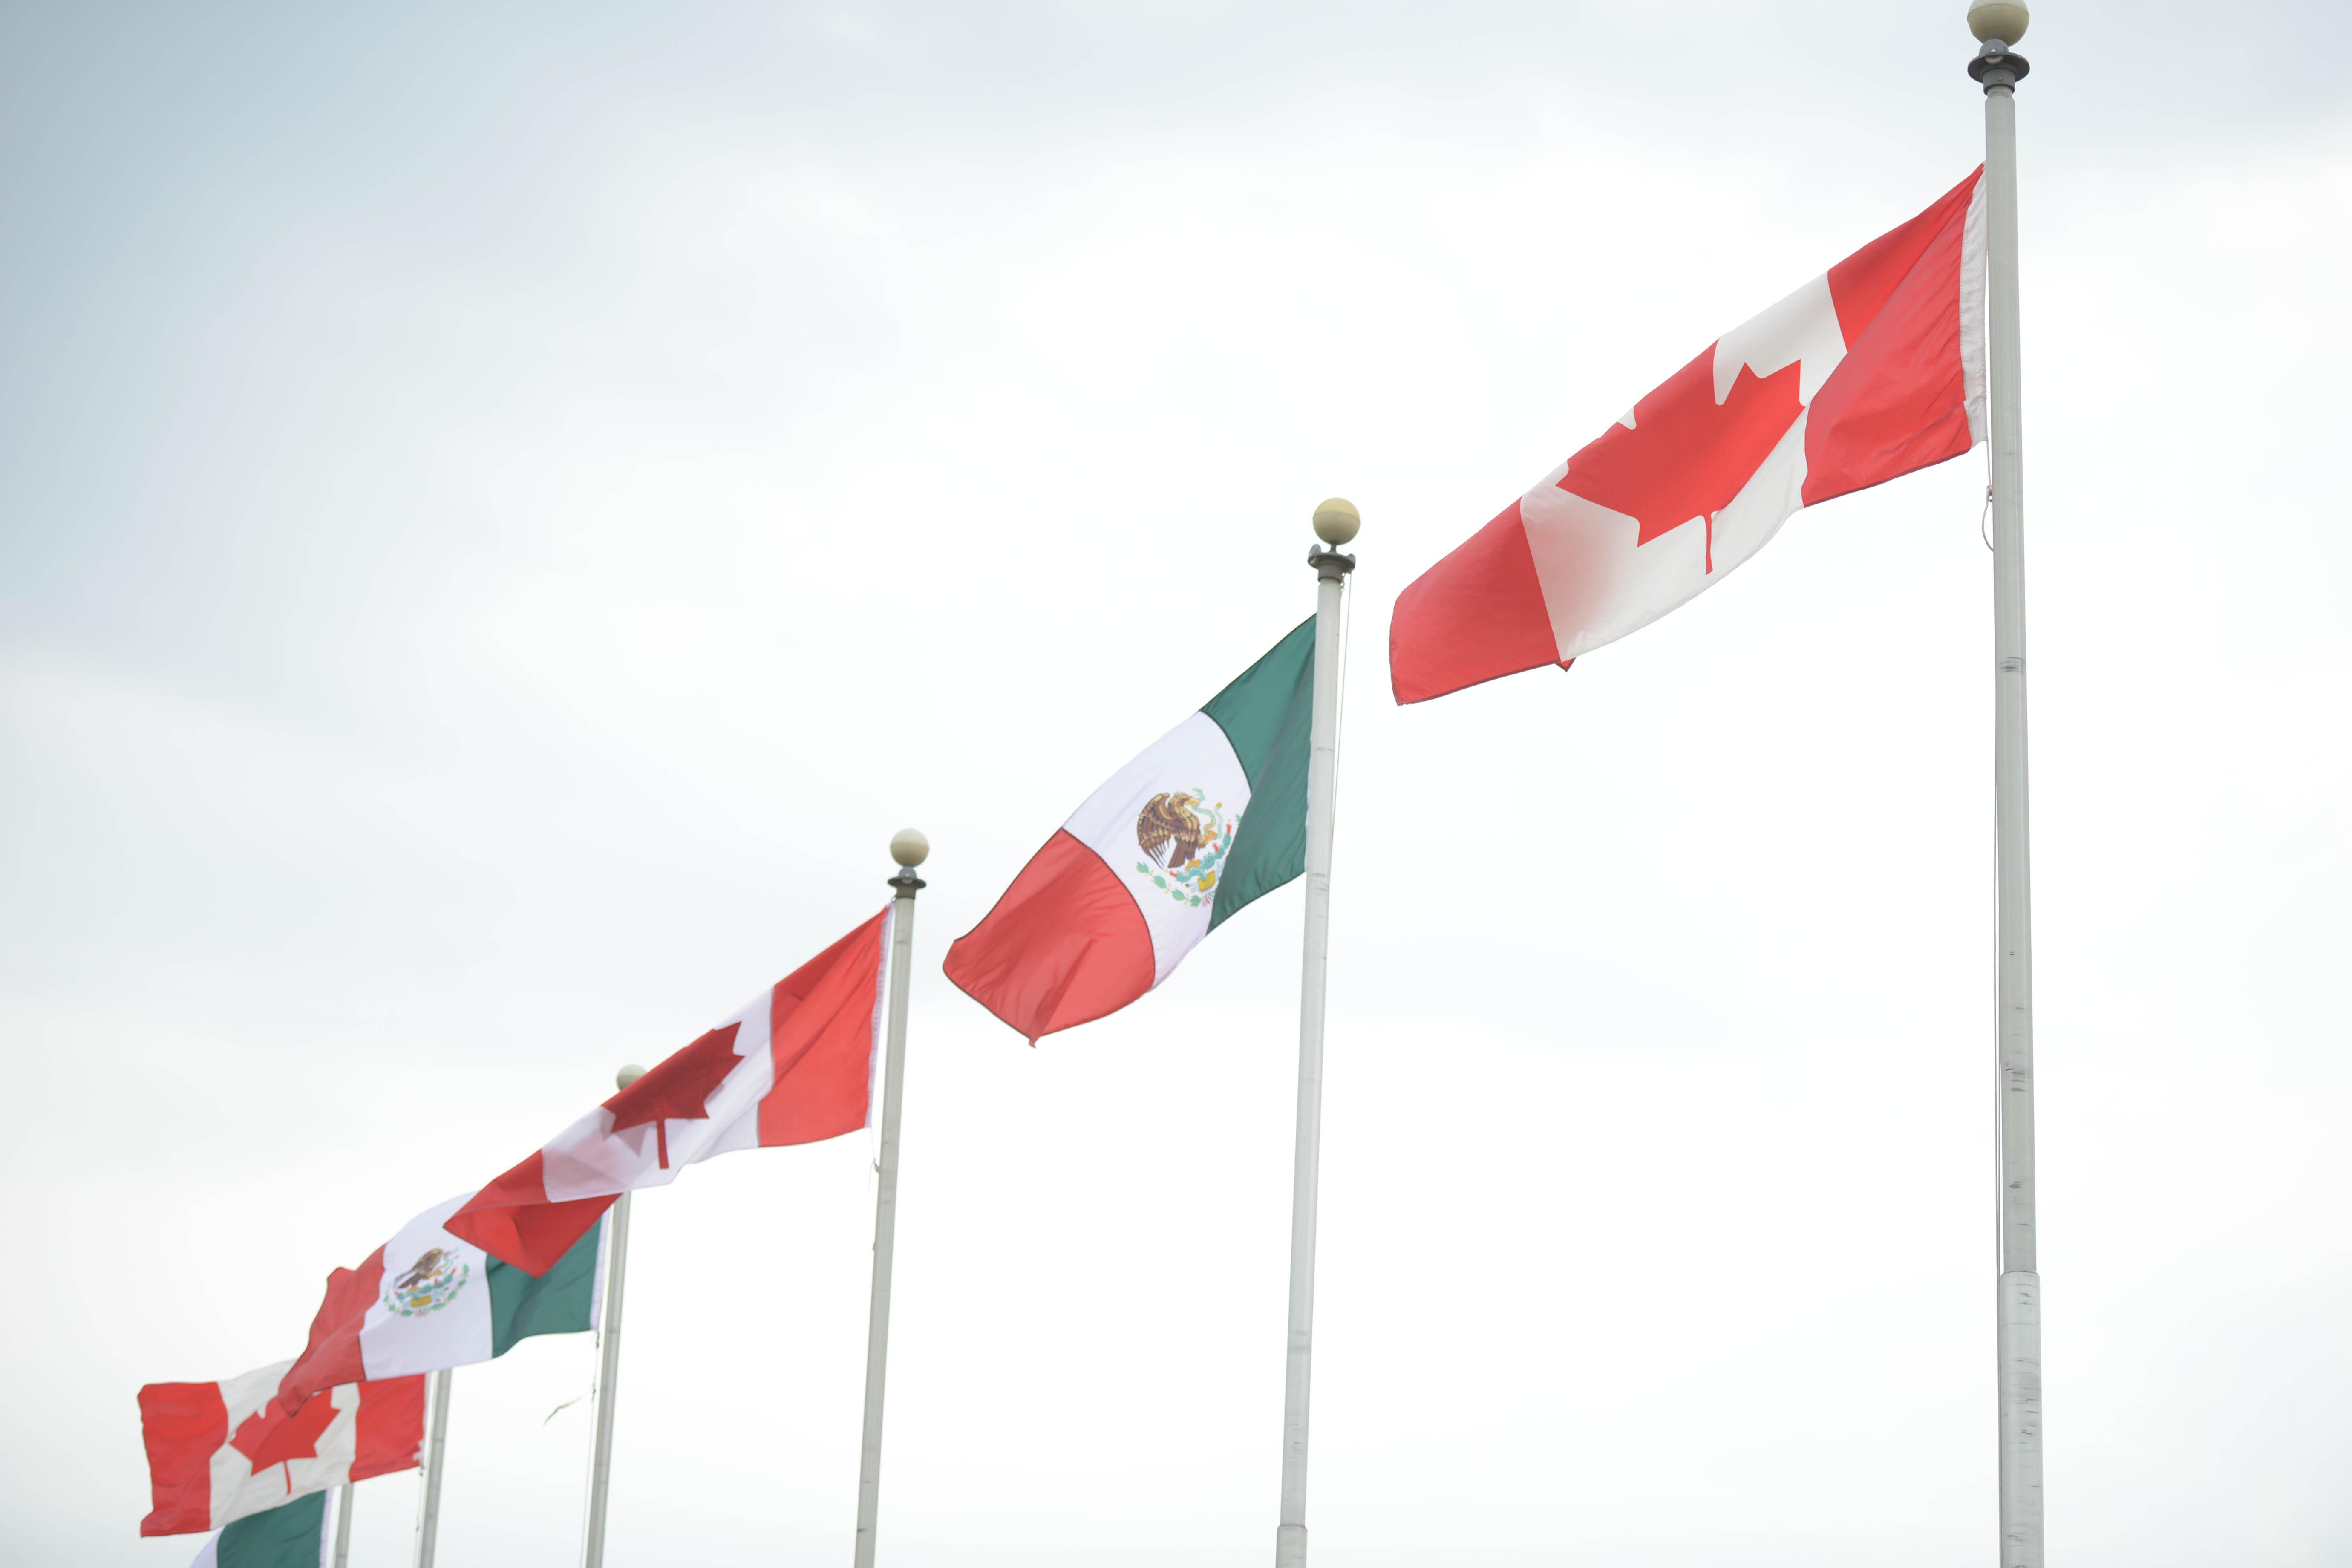 Banderas de México y Canadá.